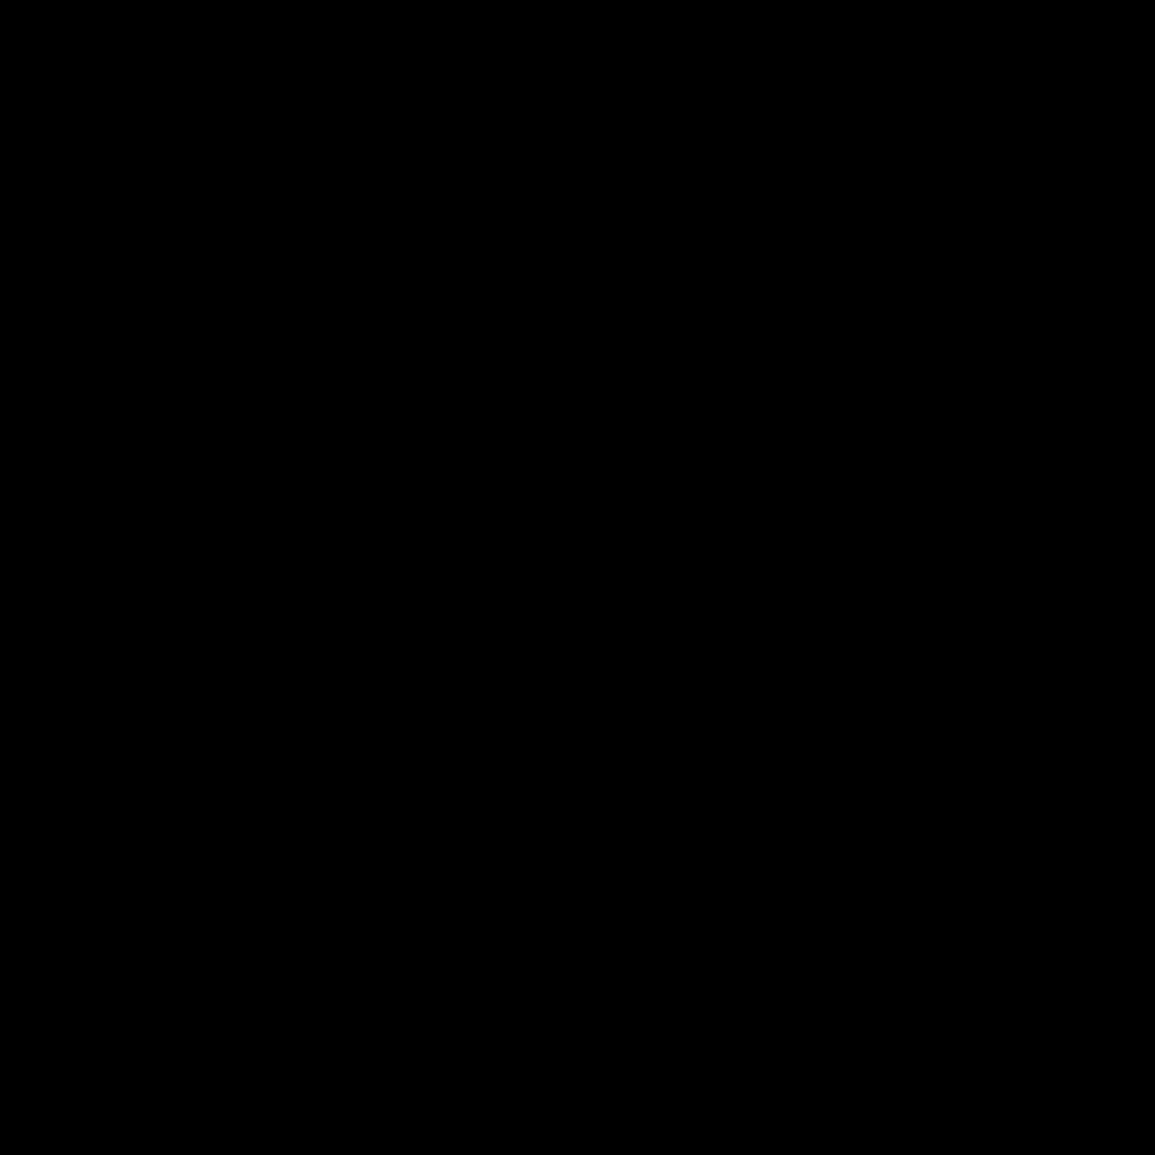 ナール D 幼児用かな KDNARE 字形見本